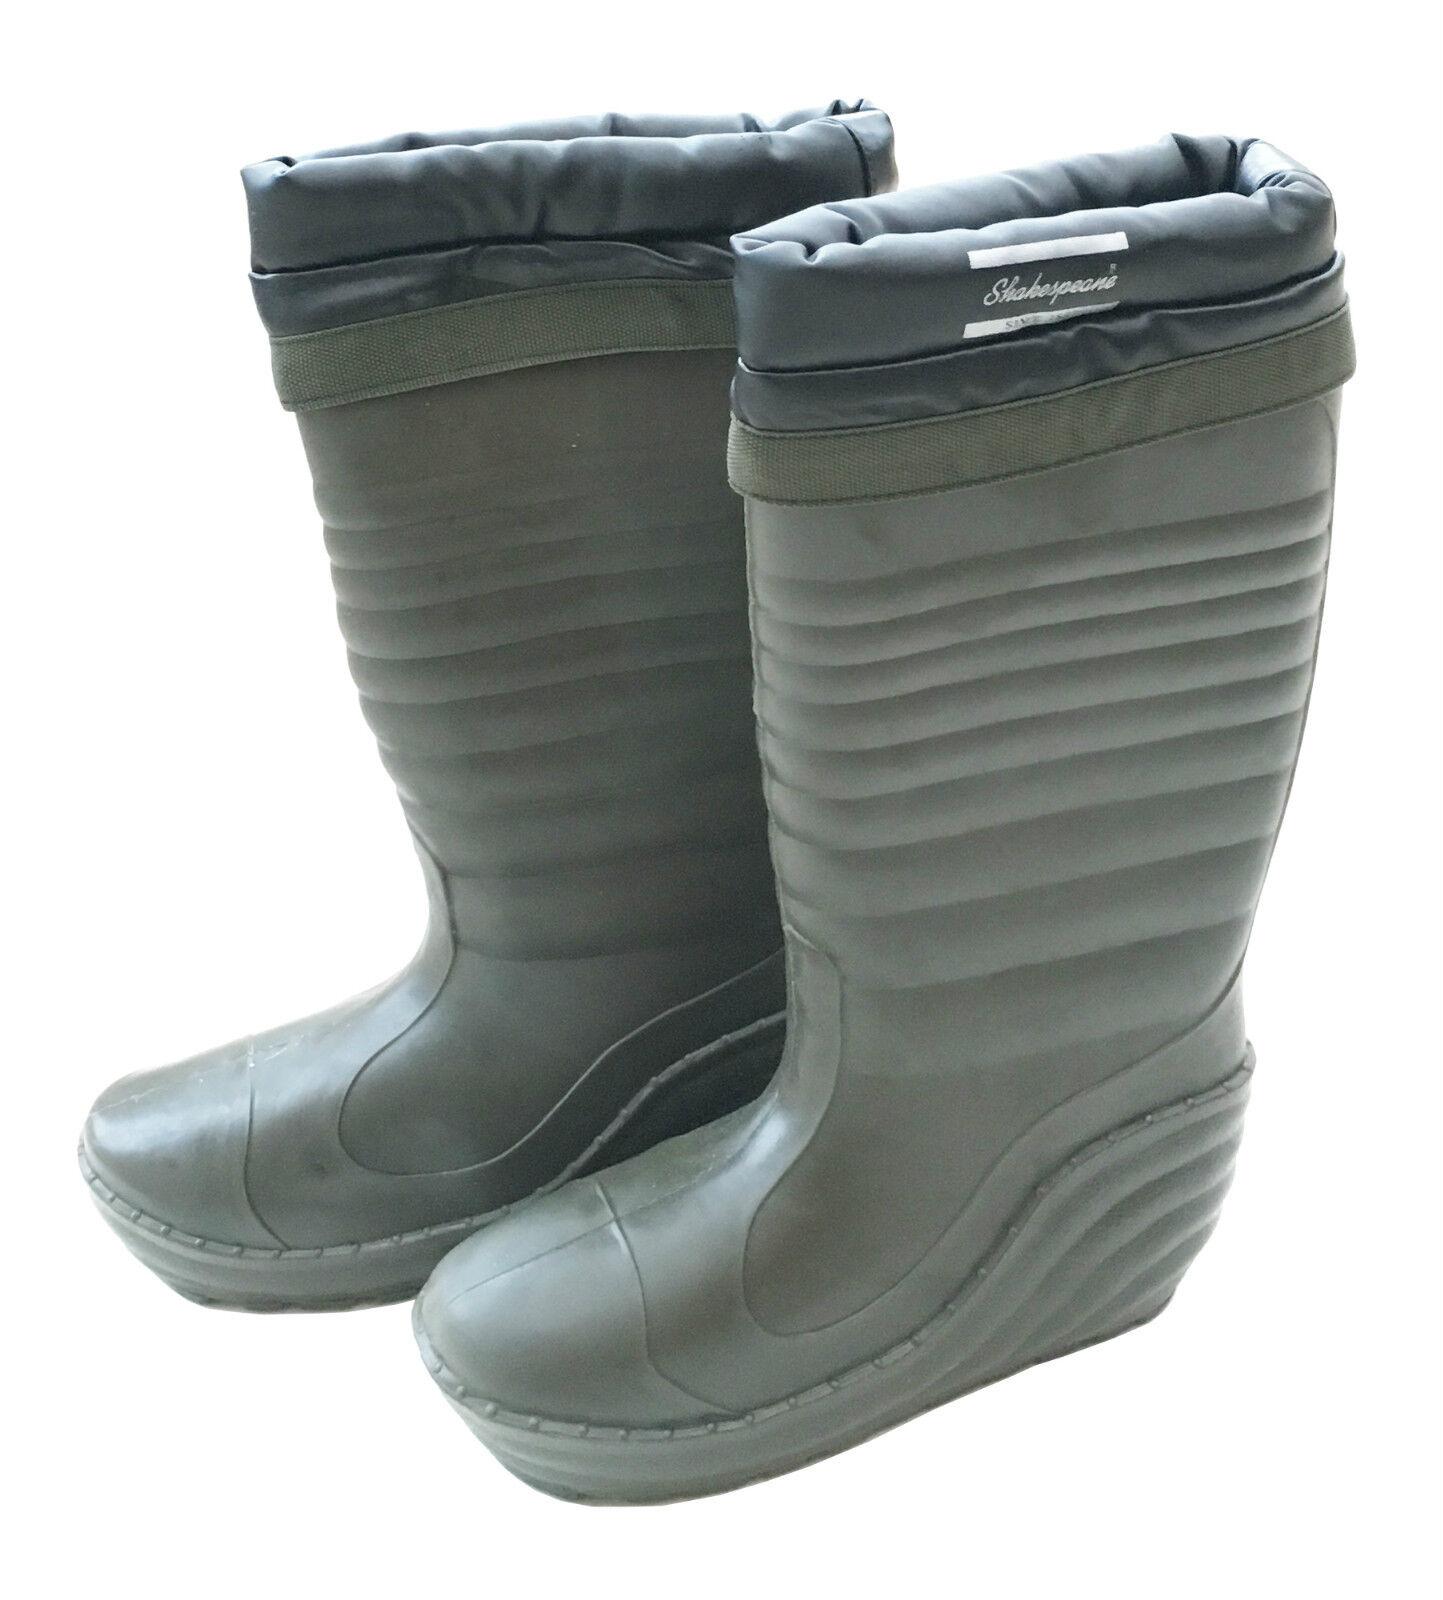 Shakespeare thermique hiver bottes de pêche avec doublure thermique amovible